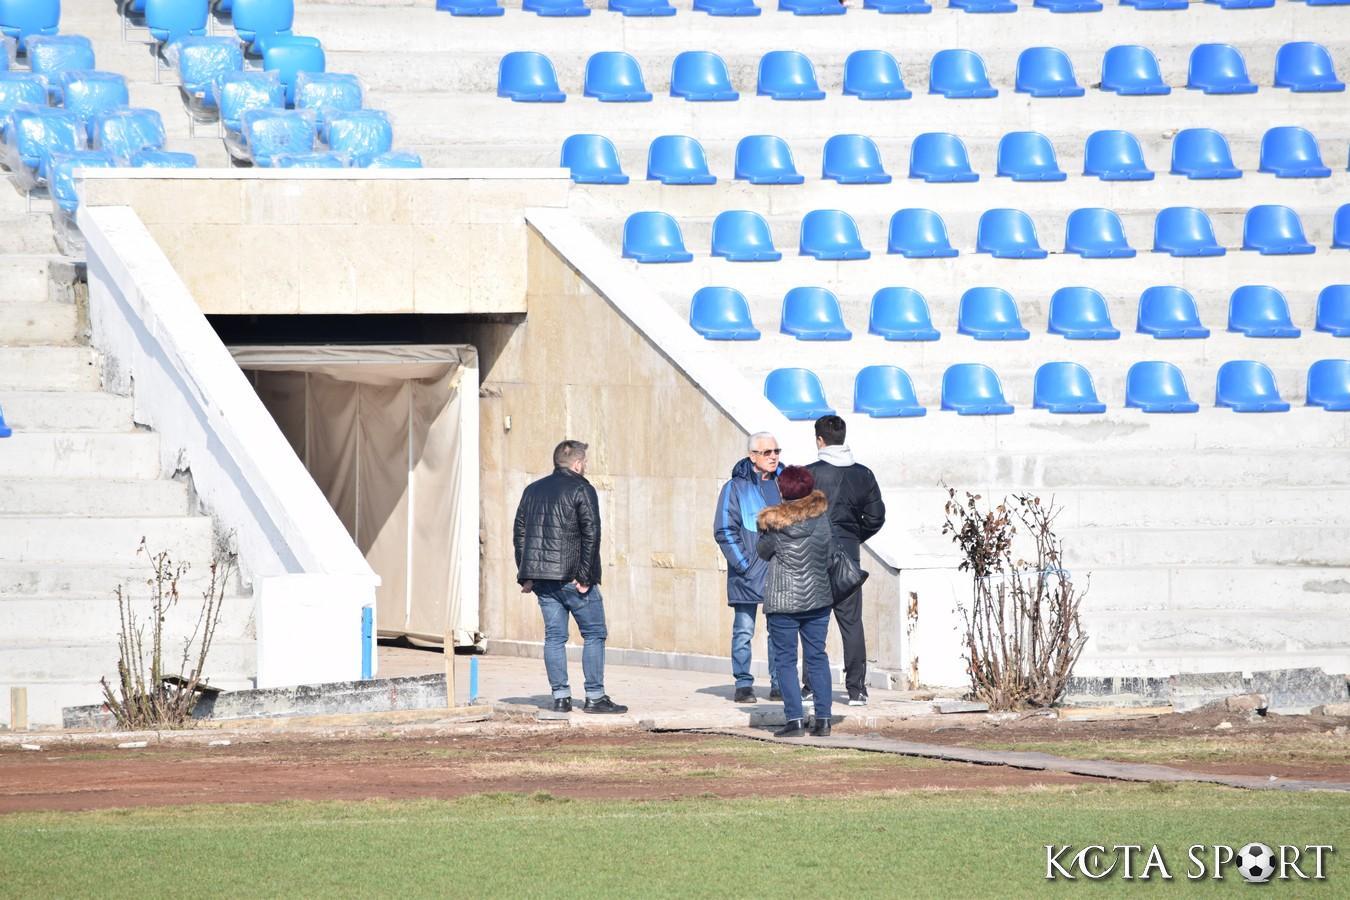 stadion chernomoretz 13